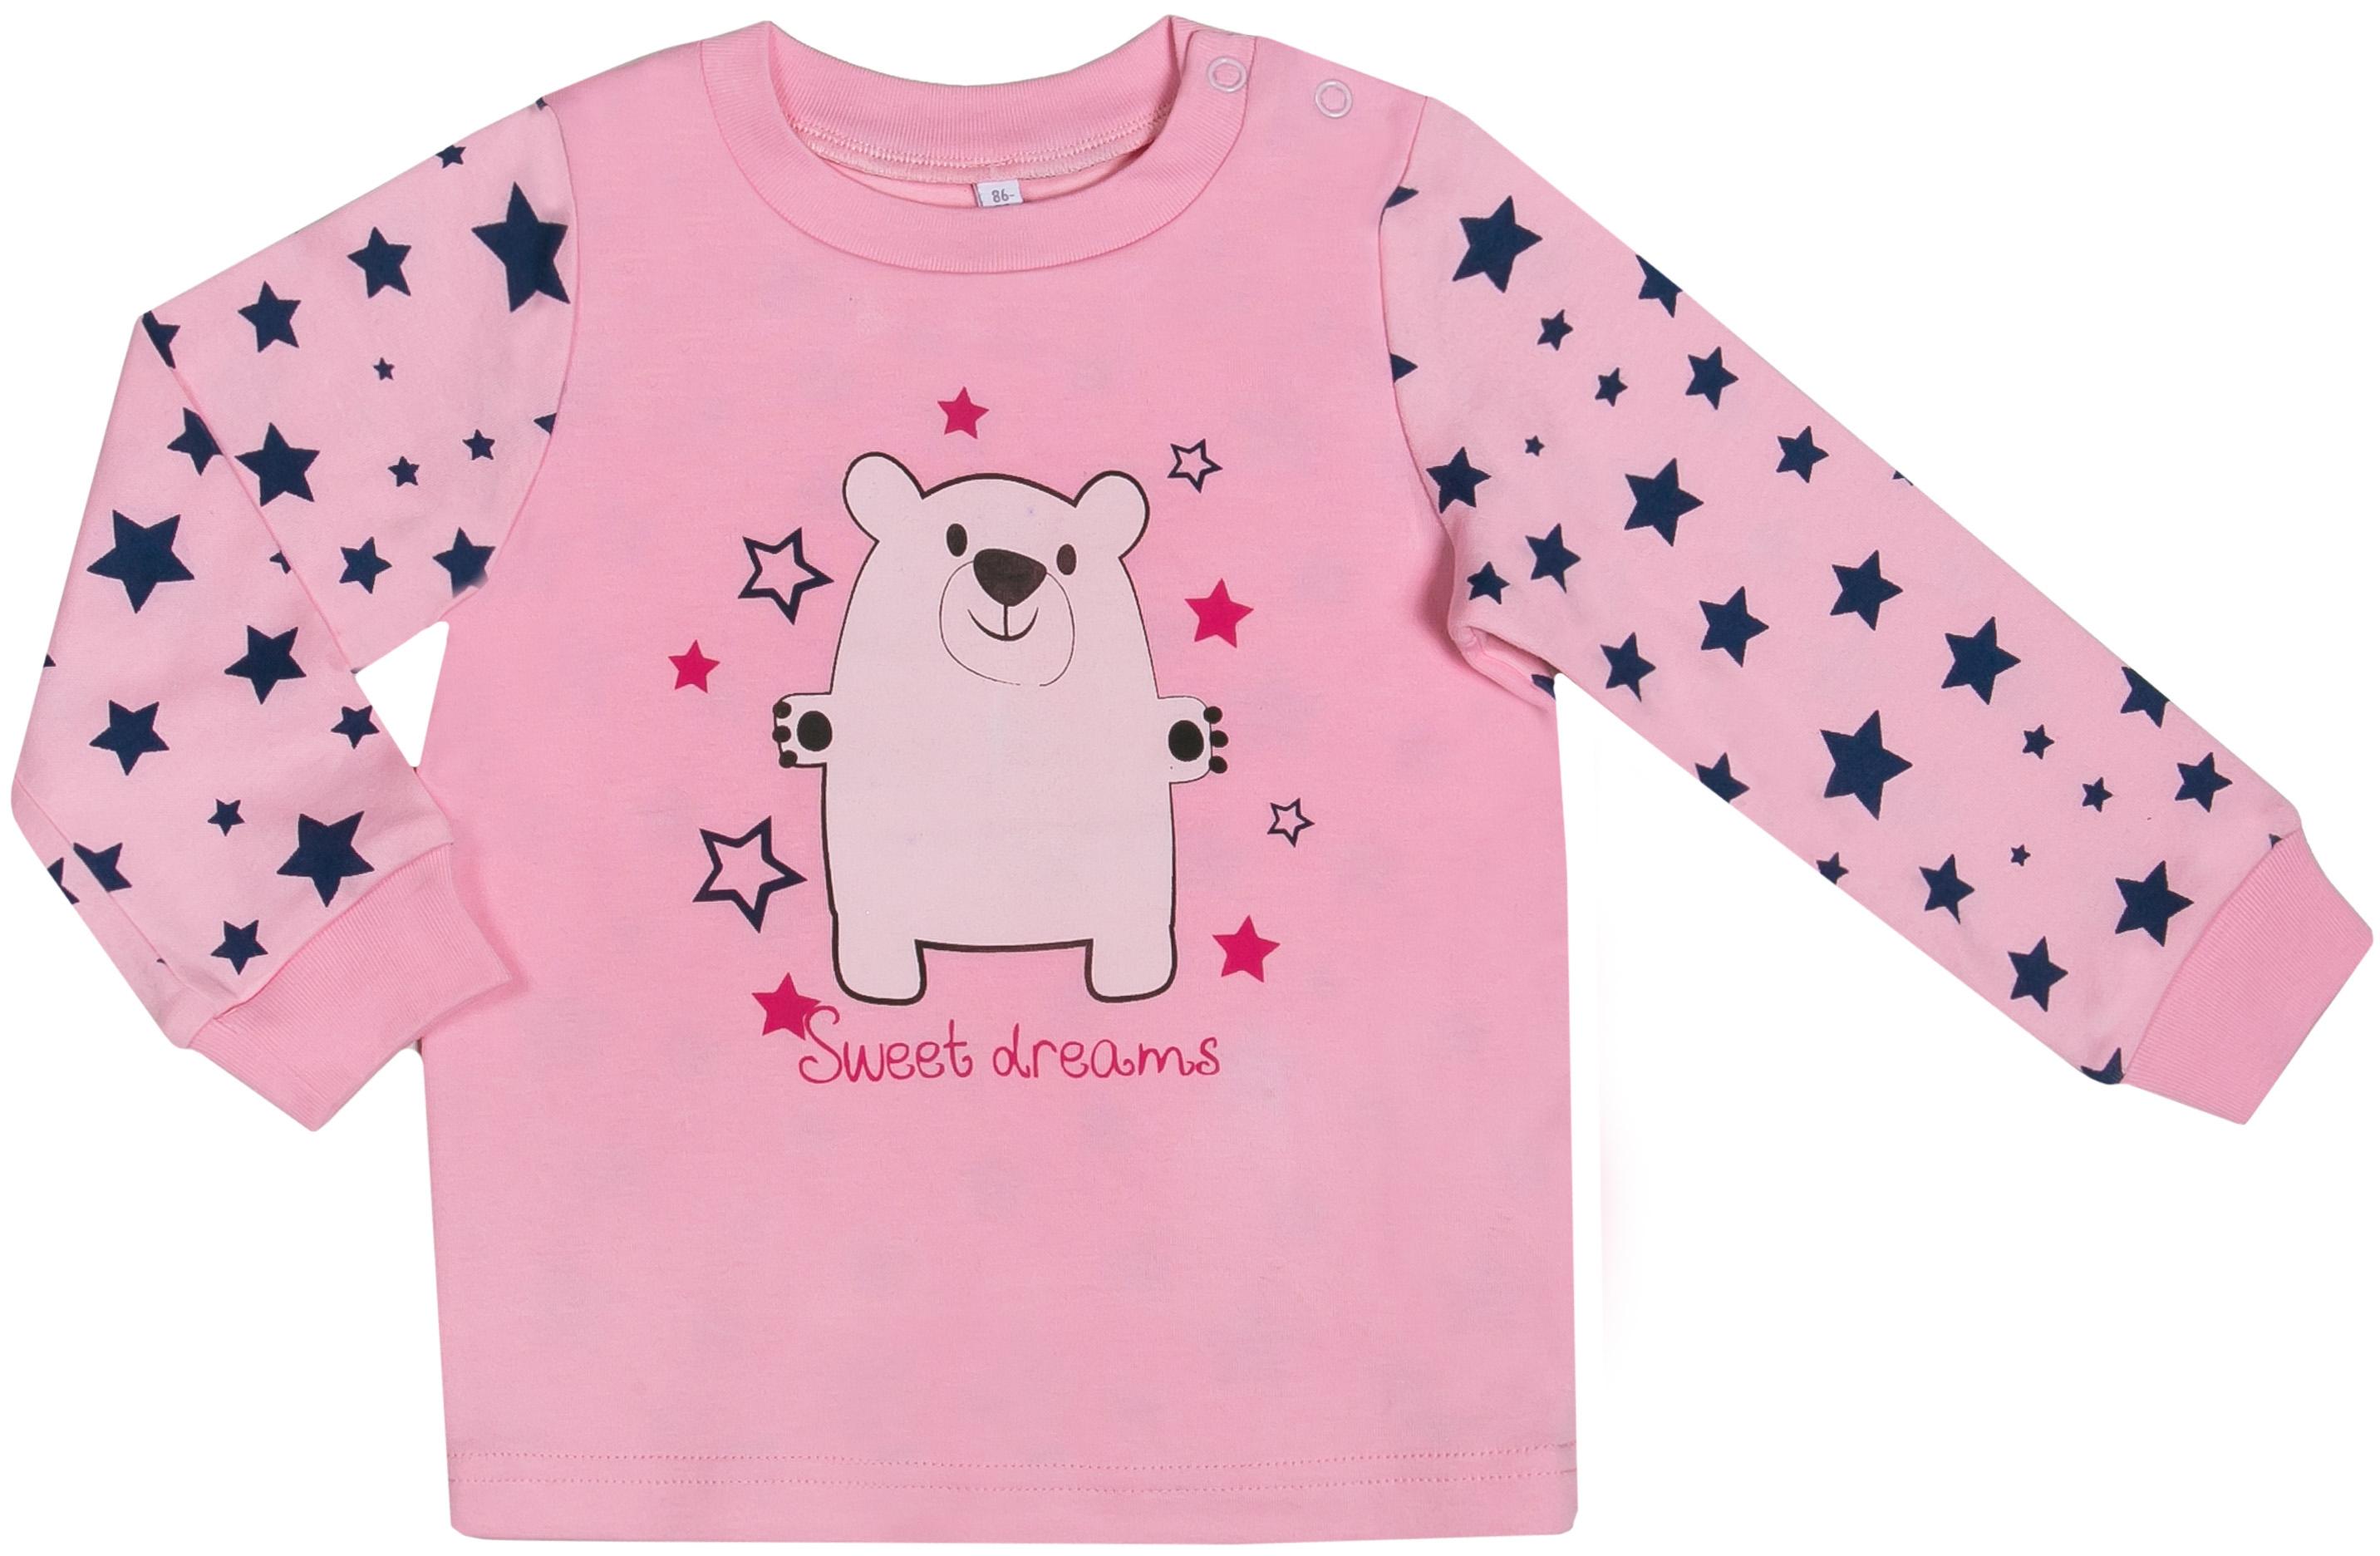 Купить Пижама для девочки, Сновидения, 1шт., Barkito W17G1001S(2), Узбекистан, верх - розовый, низ - розовый с рисунком, Женский